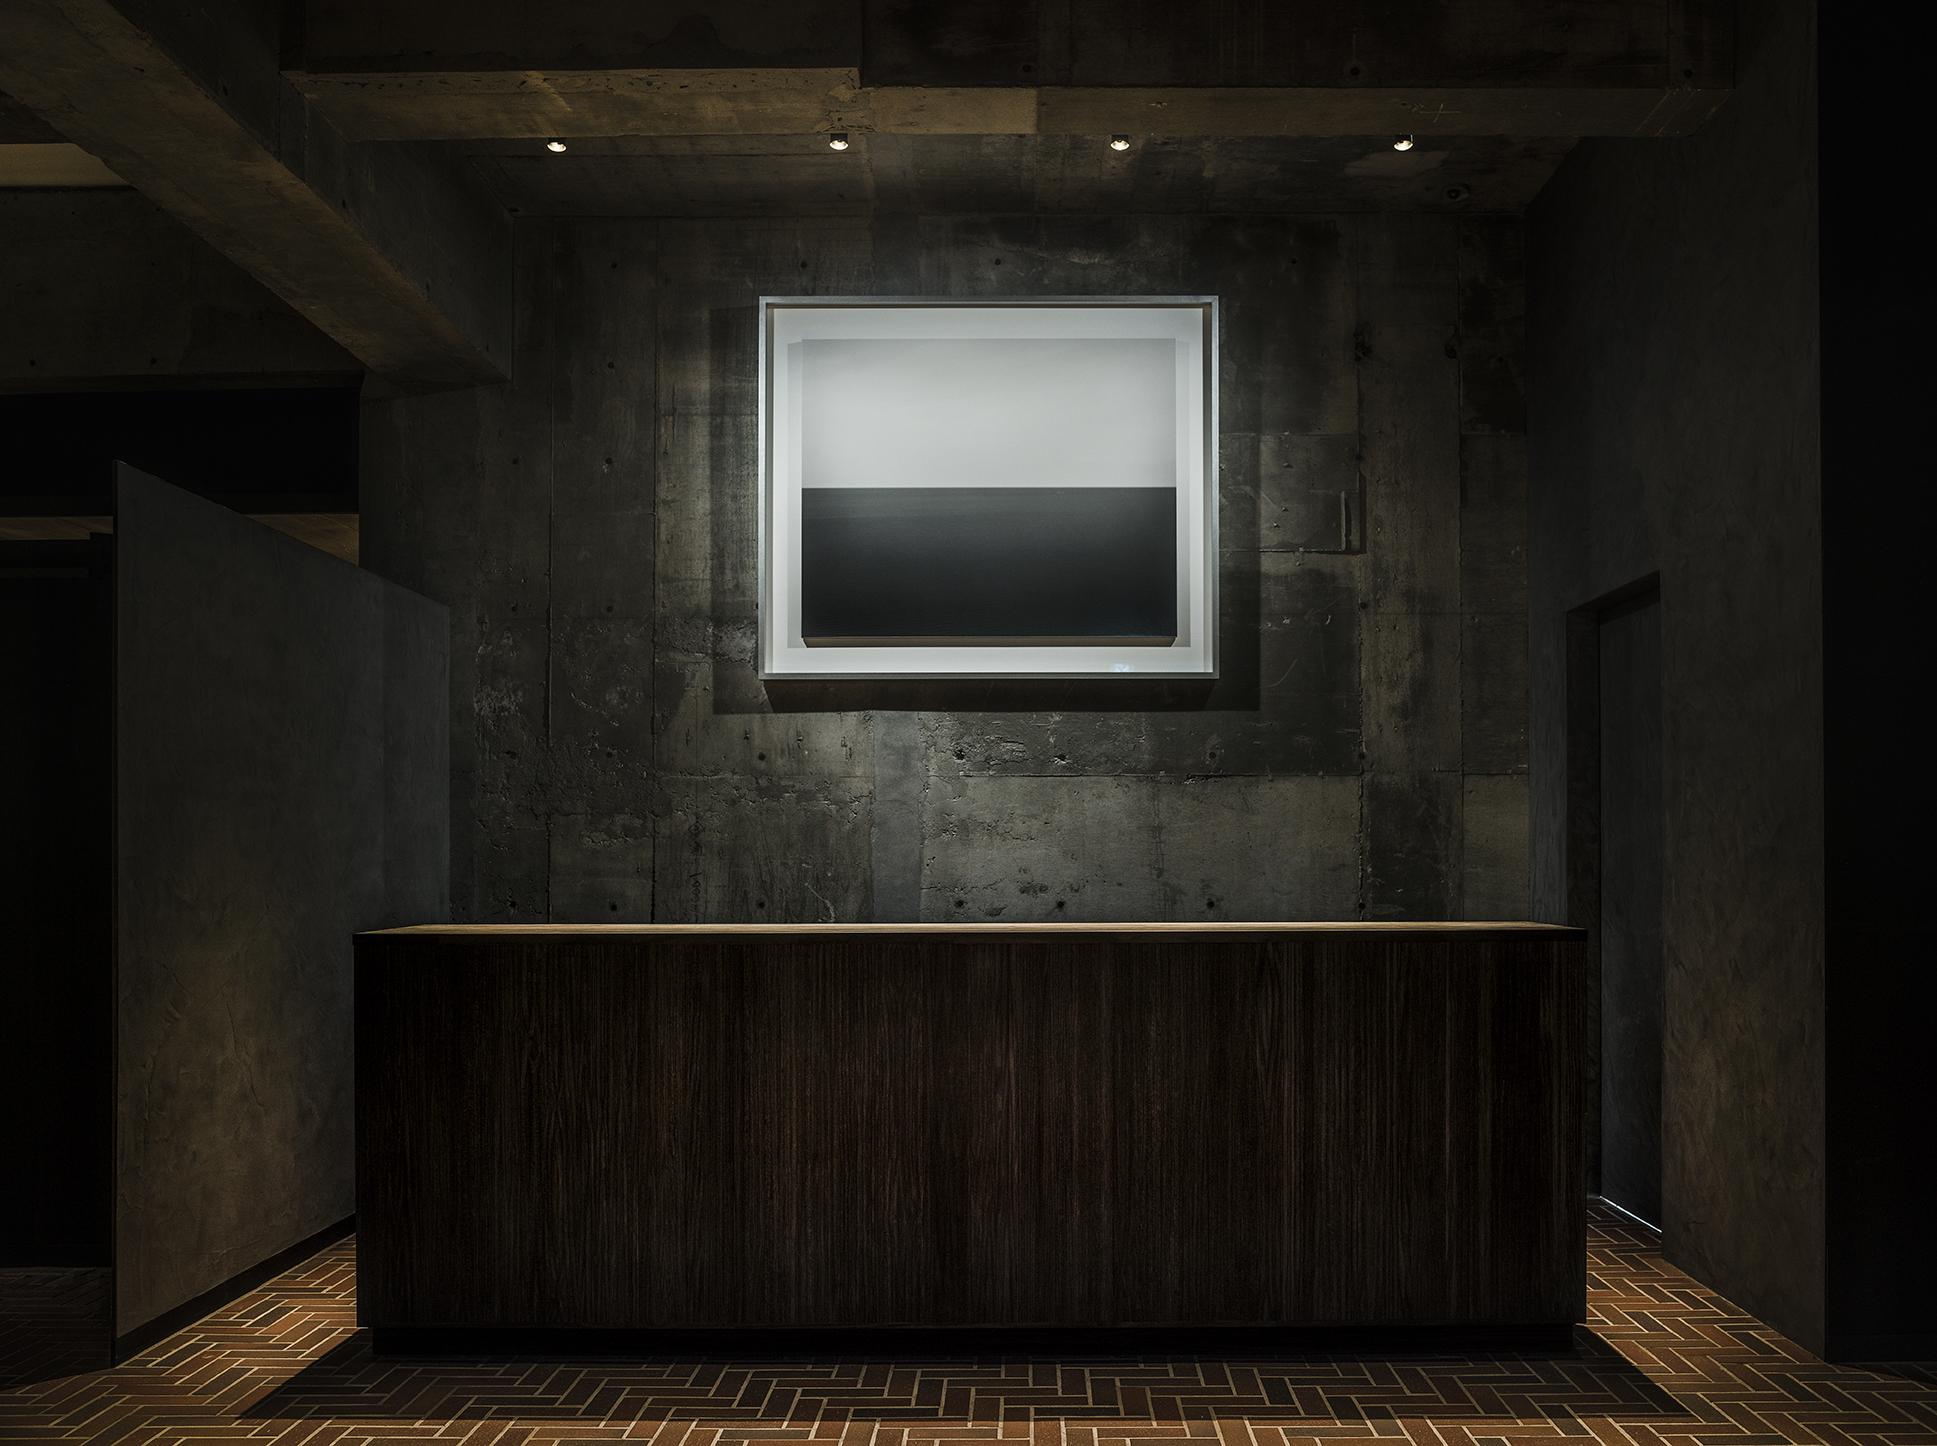 LIBURAN AKHIR TAHUN DI HOTEL BARU KARYA SOU FUJIMOTO SHIROIYA HOTEL TOKYO JEPANG INTERIOR DESIGN DSGNTALK ARCHITECTURE JAPAN JEPANG TOKYO